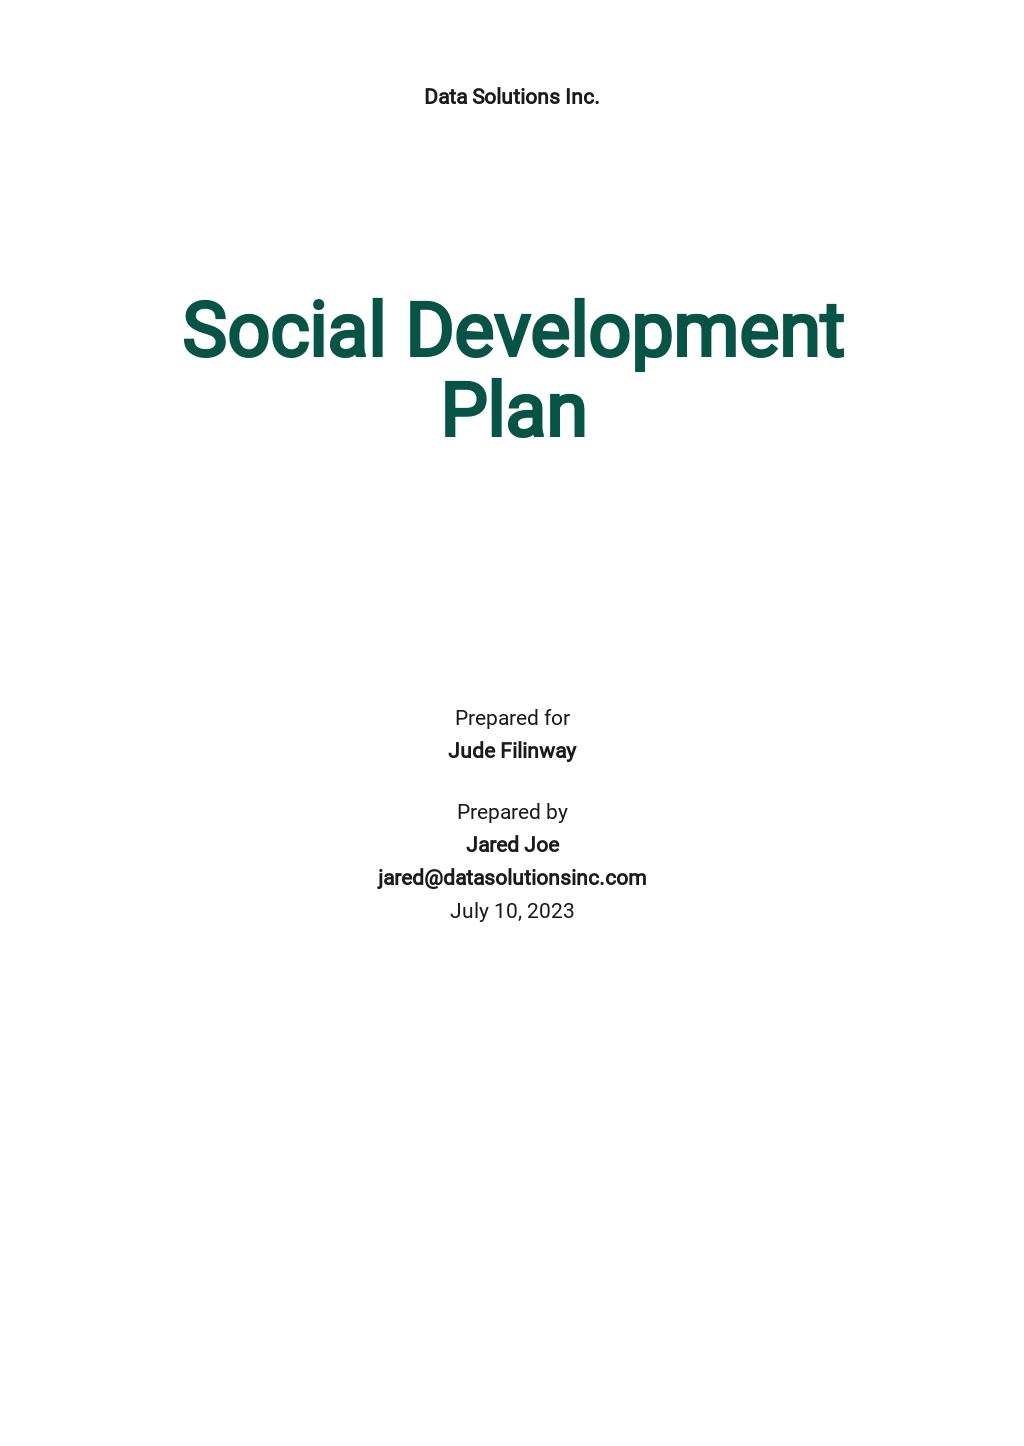 Social Development Plan Template